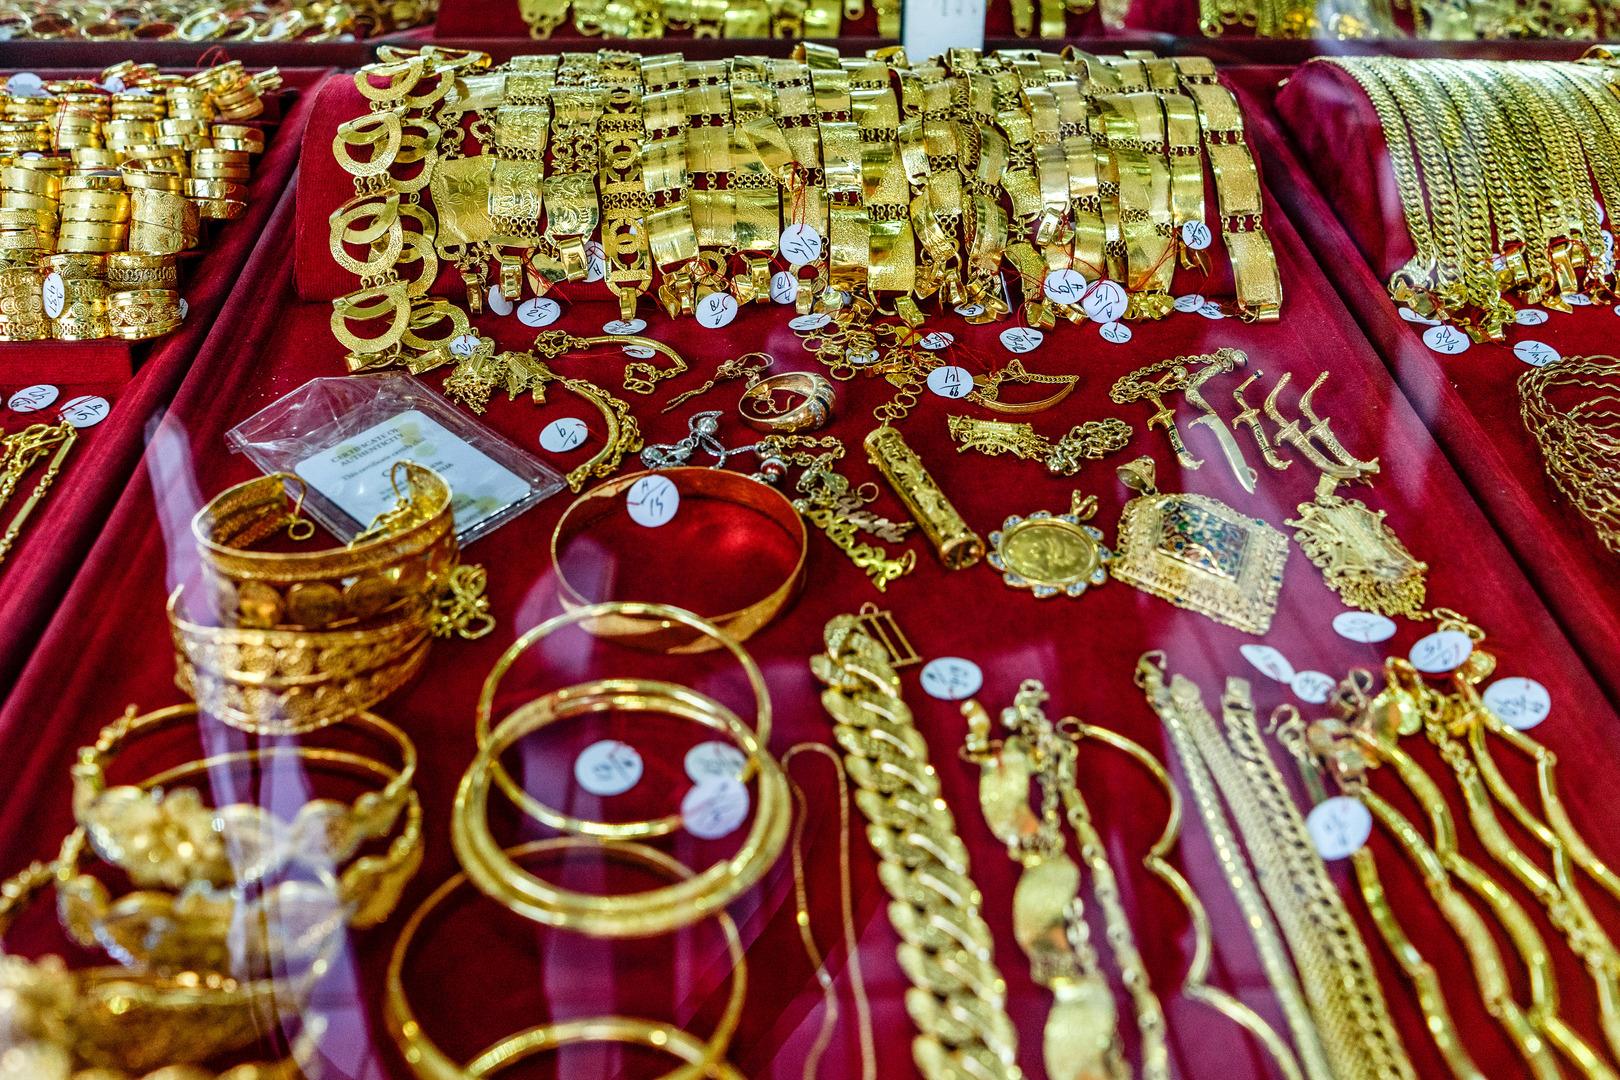 هبوط الذهب مع ضعف الإقبال على الأصول عالية المخاطر وسط آمال تخفيف إجراءات العزل